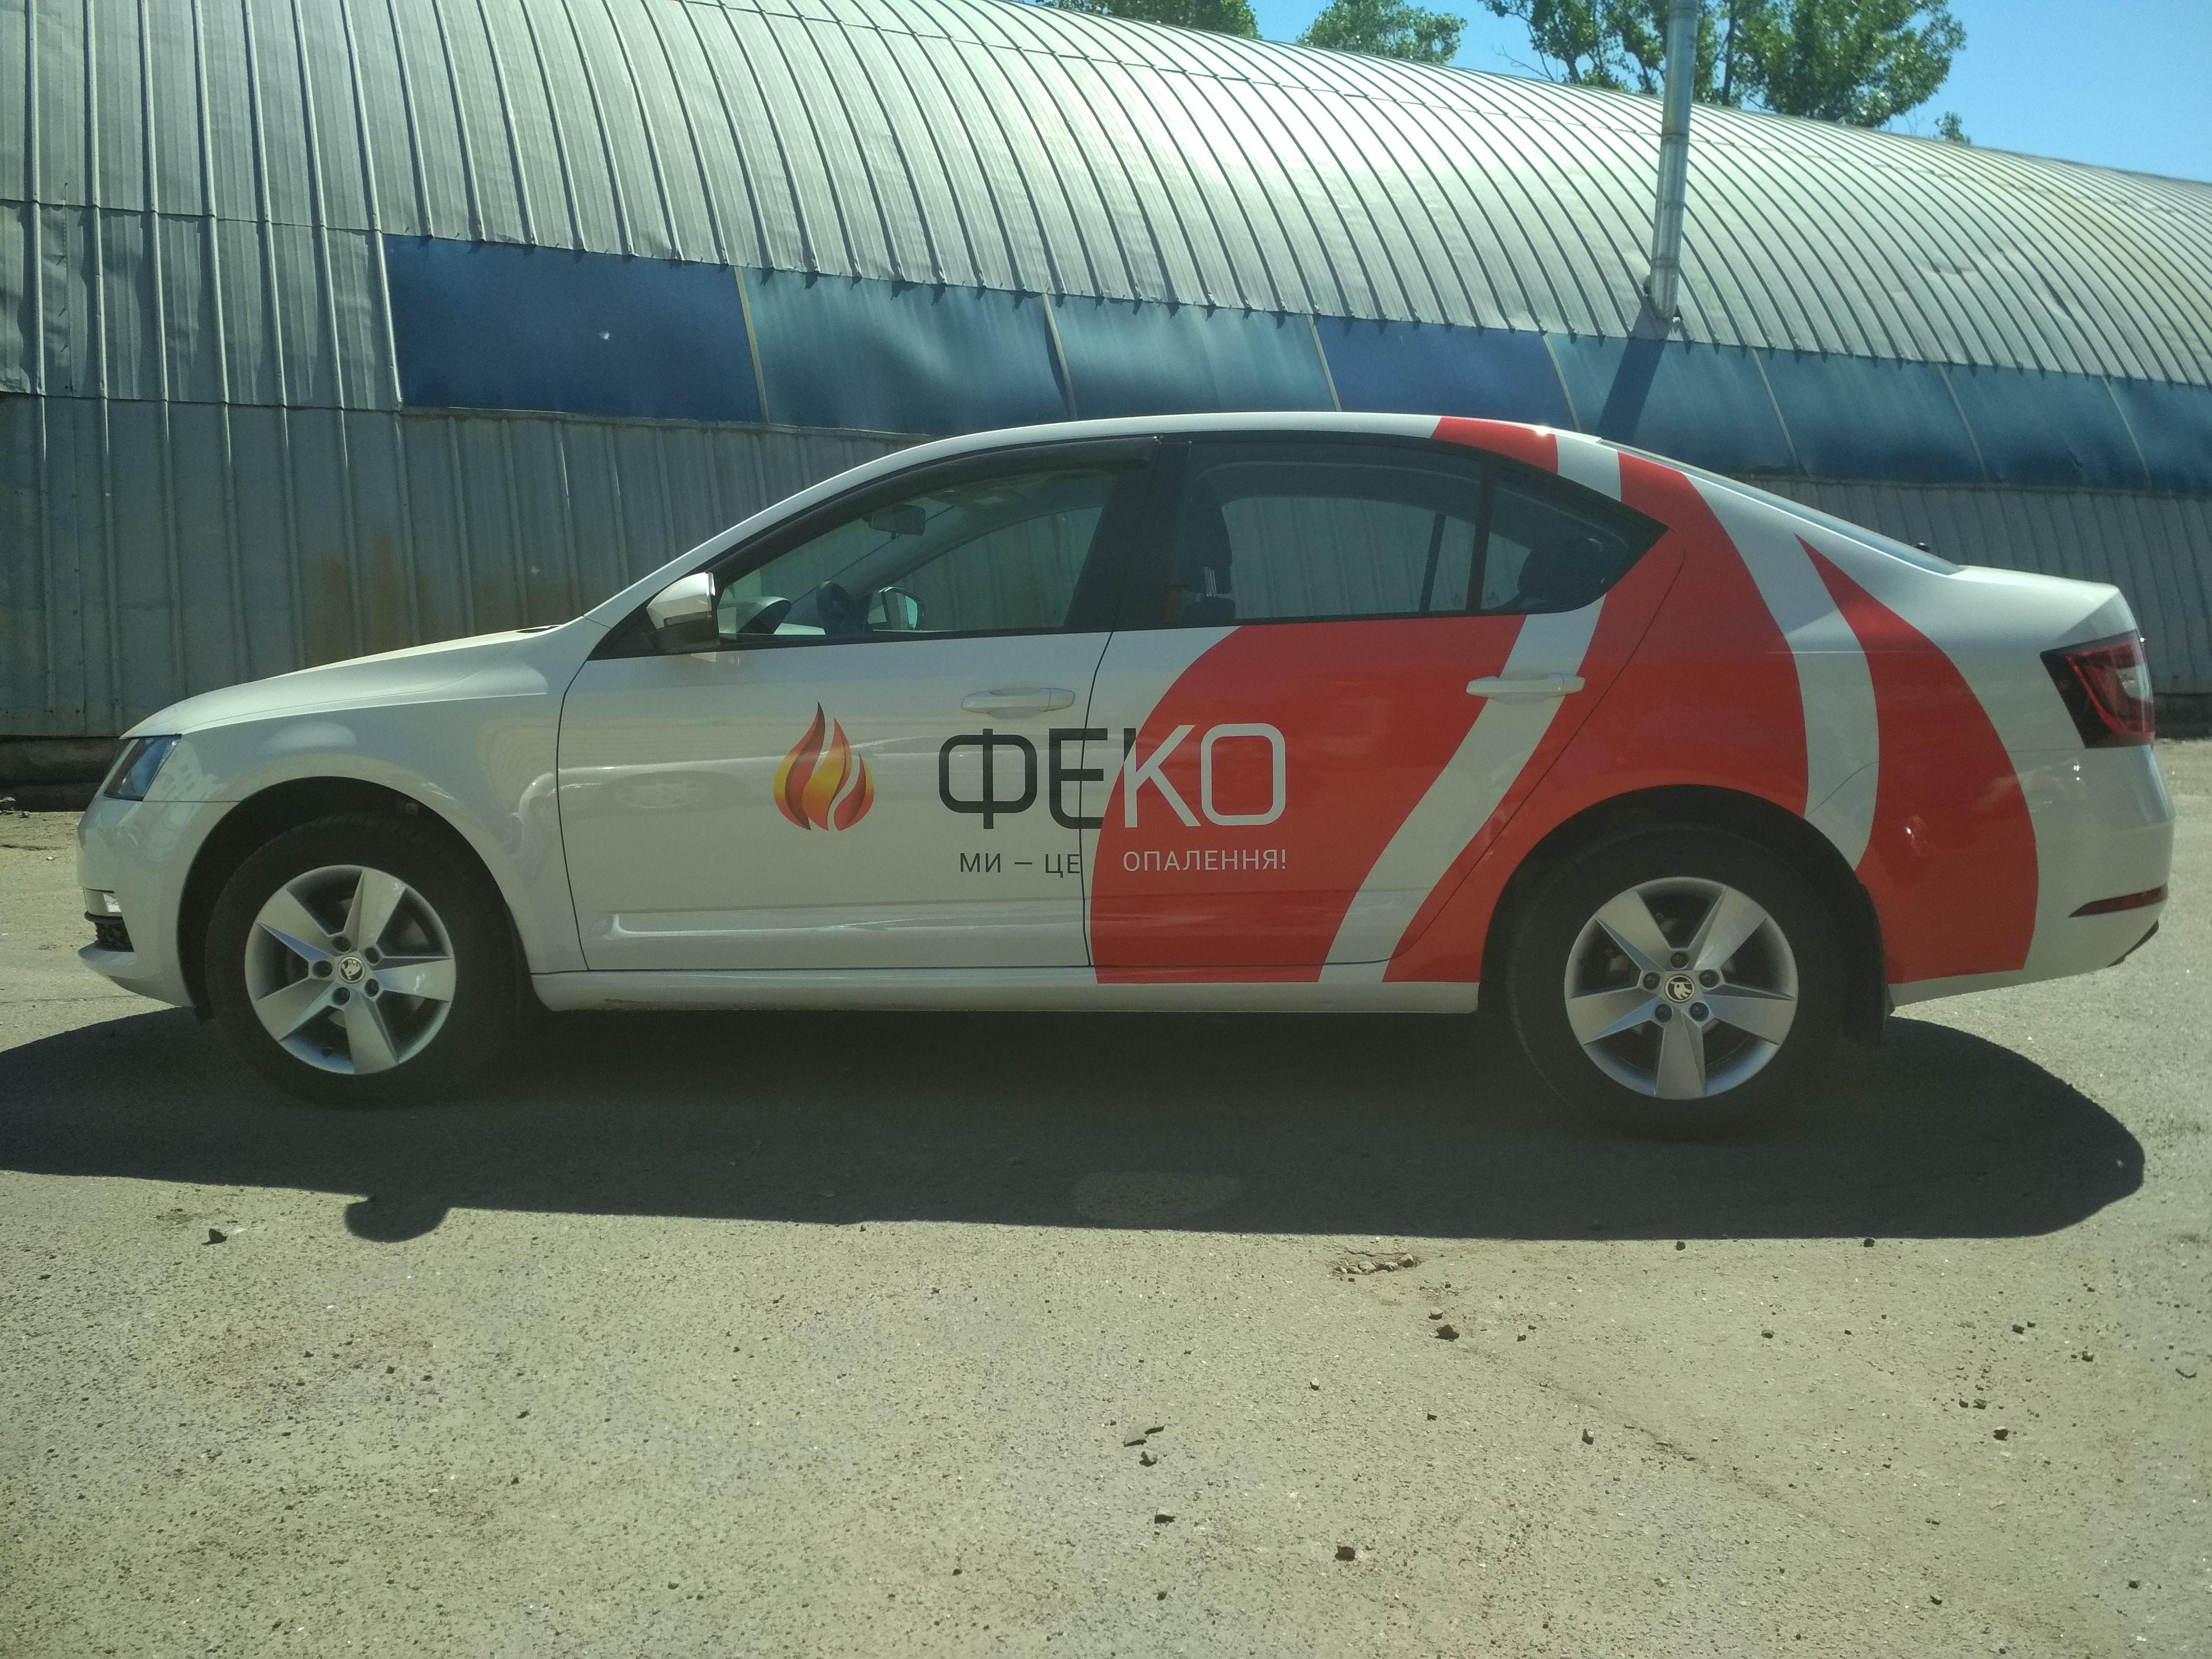 Брендирование авто киев цена